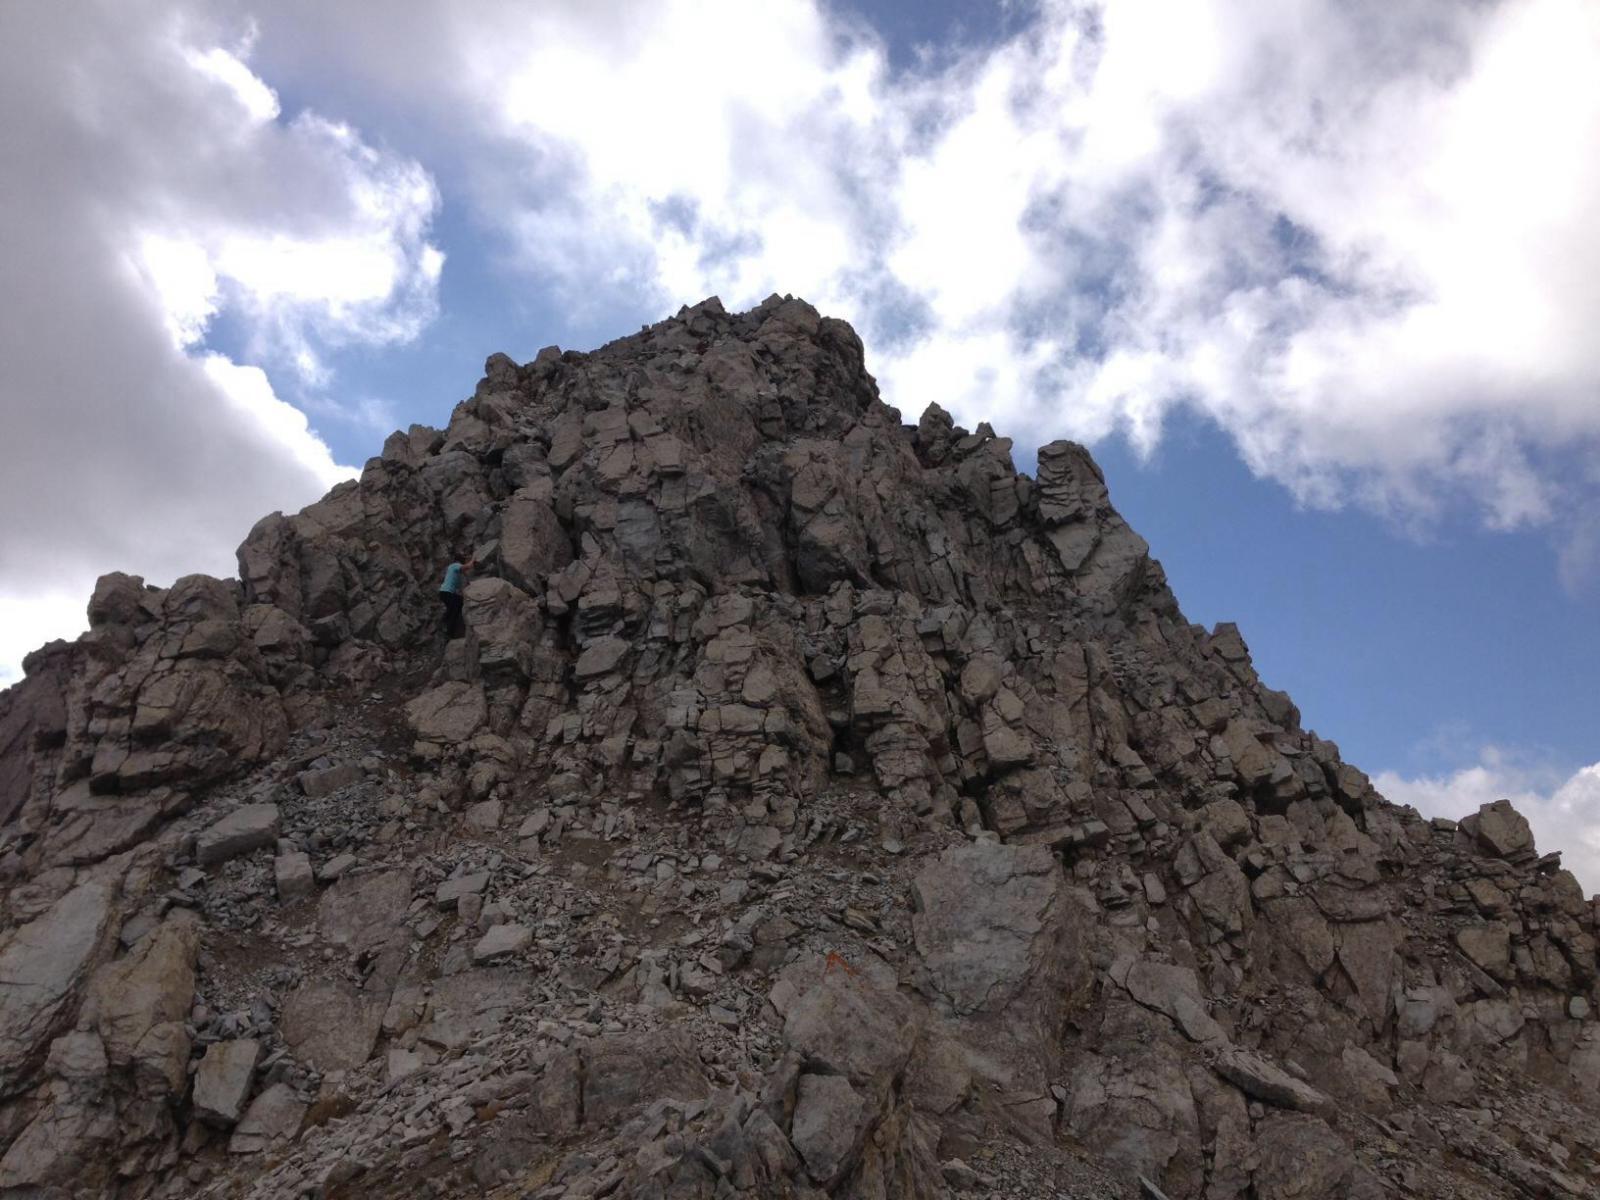 Ultime rocce prima della cima